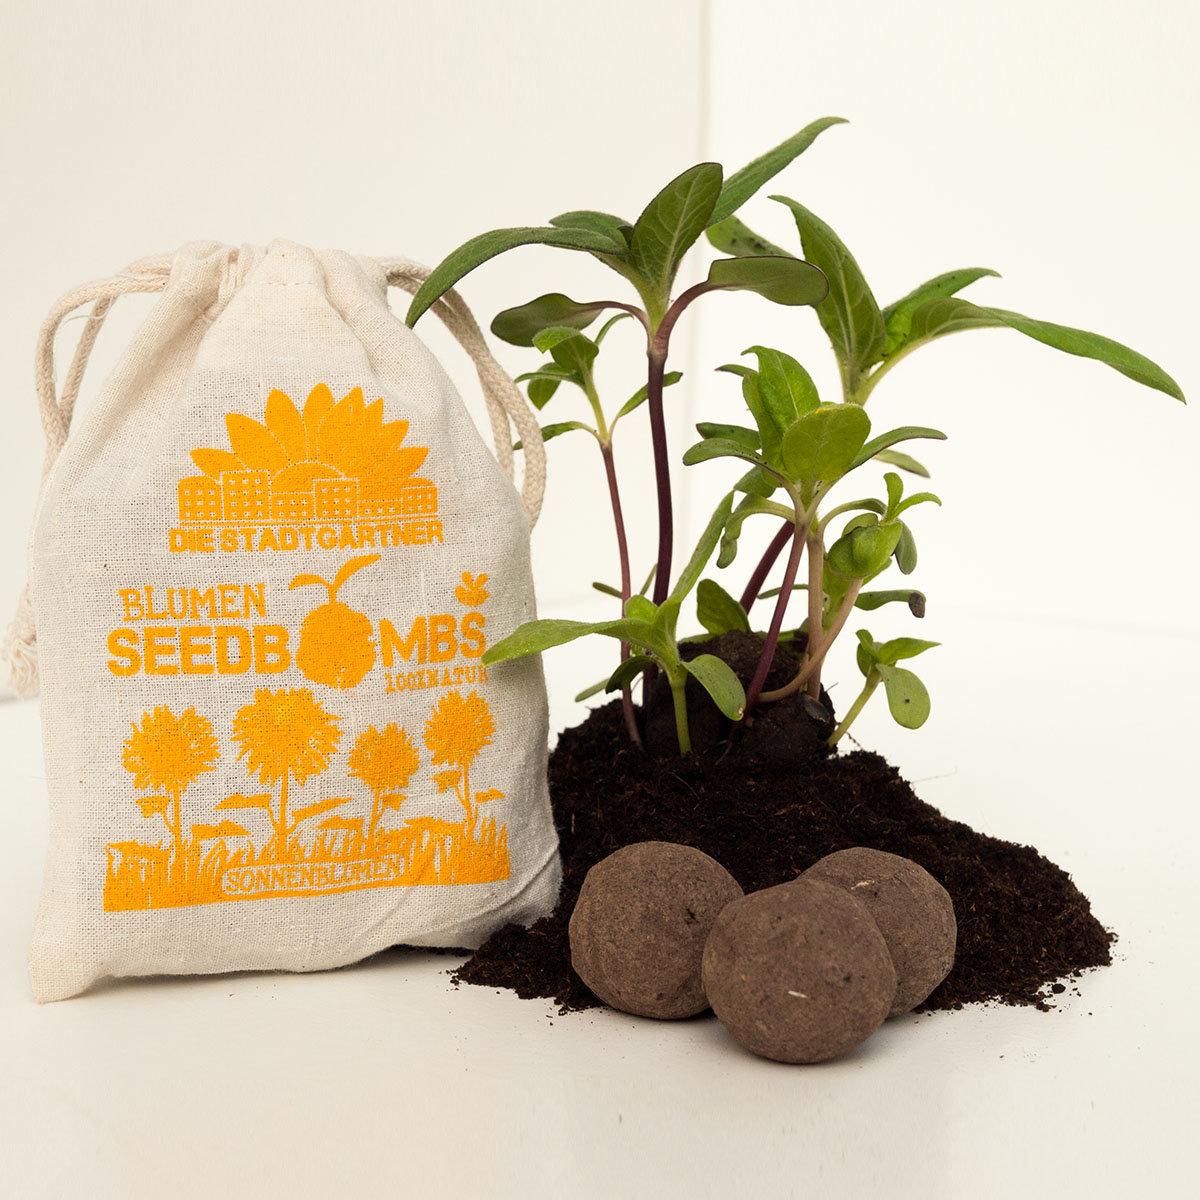 blumen seedbombs sonnenblumen online kaufen bei g rtner p tschke. Black Bedroom Furniture Sets. Home Design Ideas